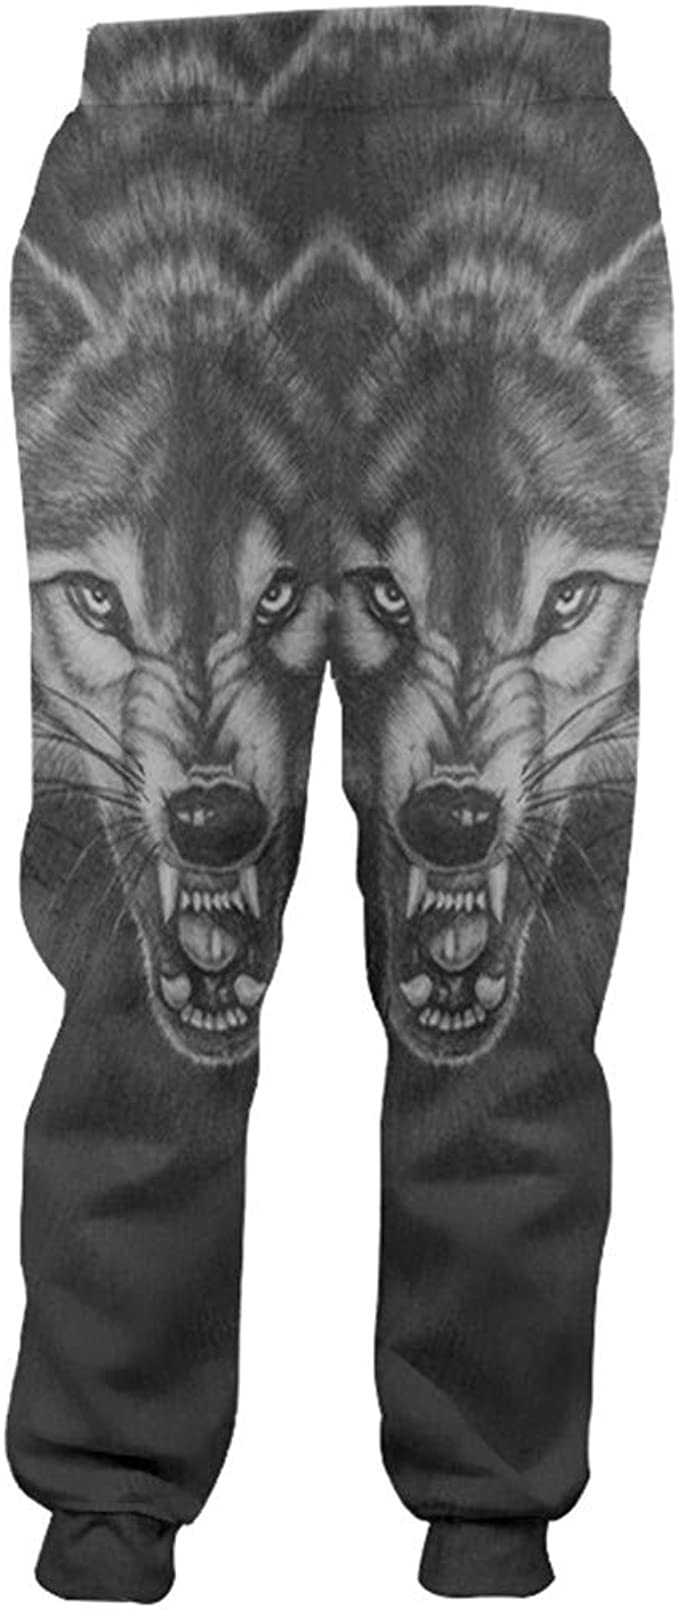 Pantalones de chándal Negros y Blancos de Animales para Hombre ...